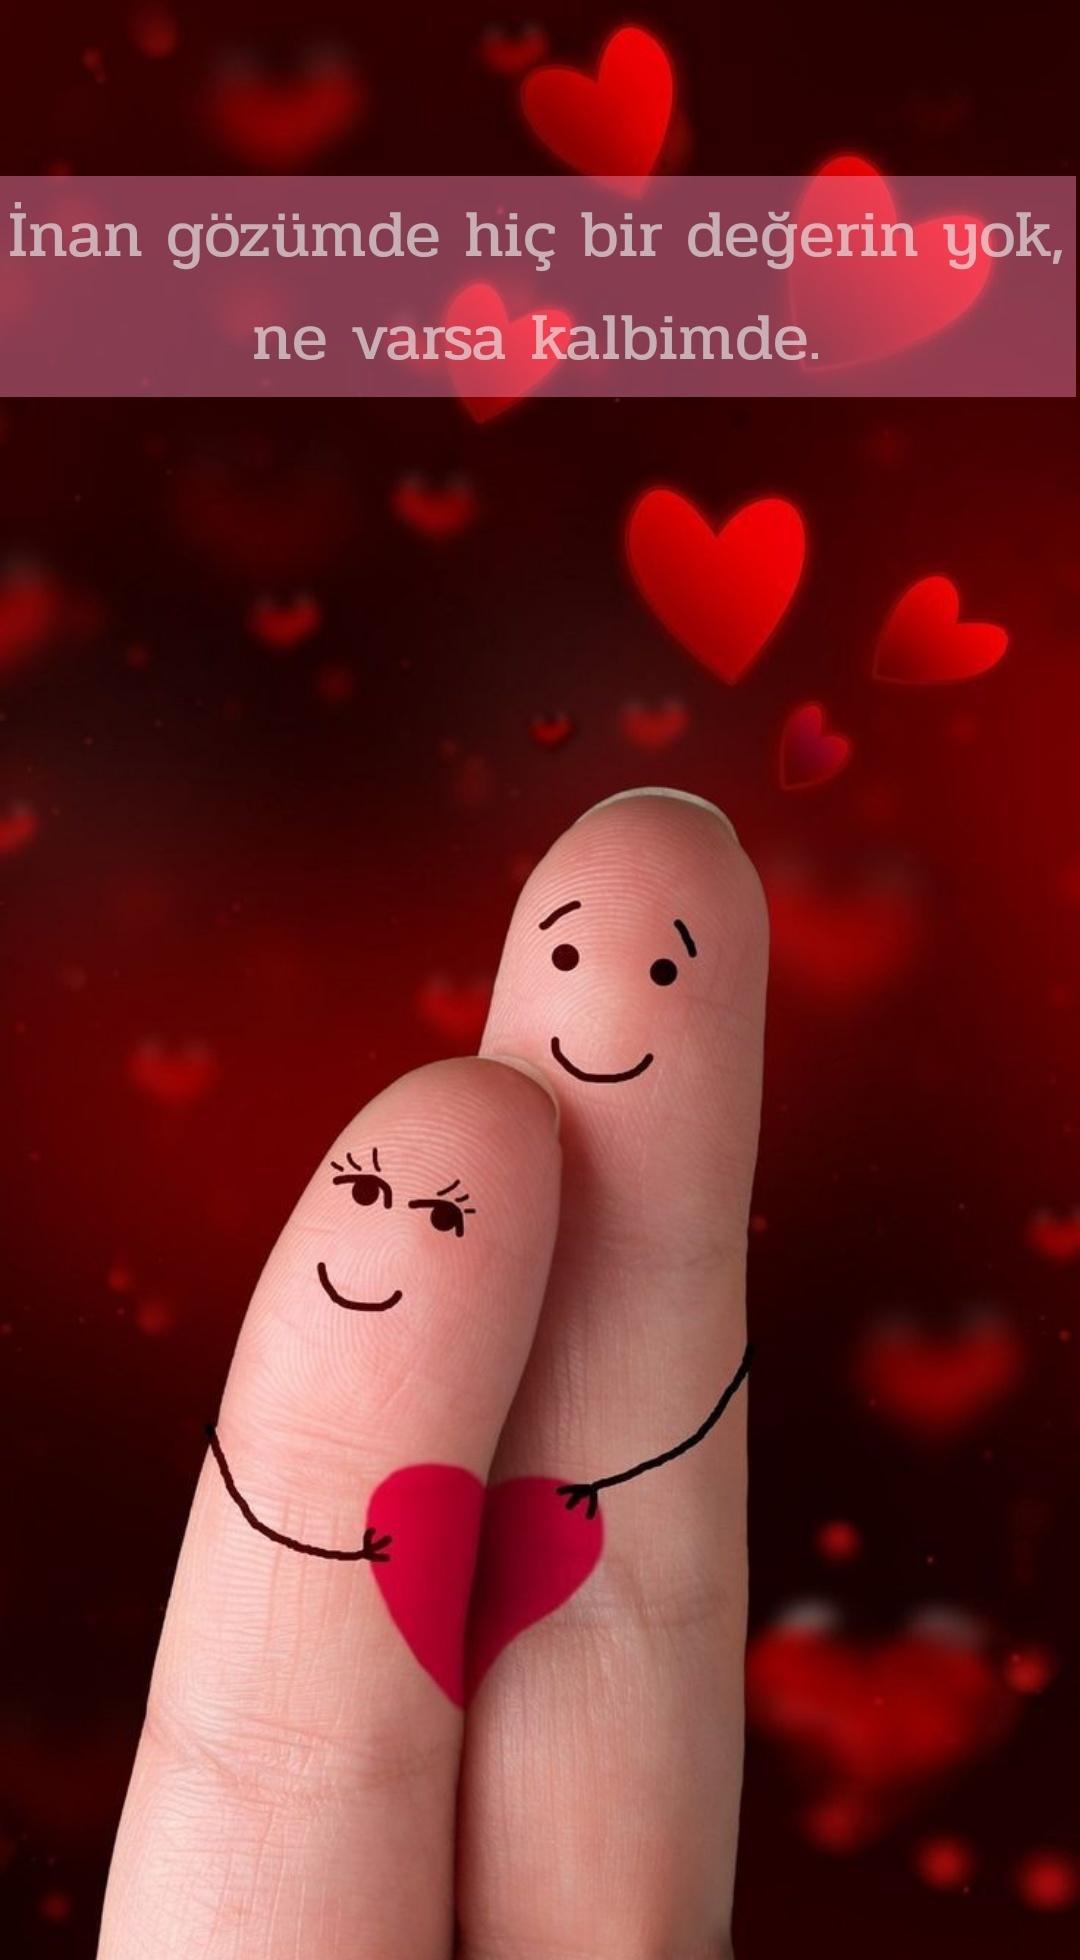 İnan gözümde hiç bir değerin yok ne varsa kalbimde.. Aşk Şiirleri Romantik Aşk Sözleri - En Güzel Resimli Aşk Şiirleri - Anlamlı Ve Romantik Aşk Sözleri, resimli-sozler